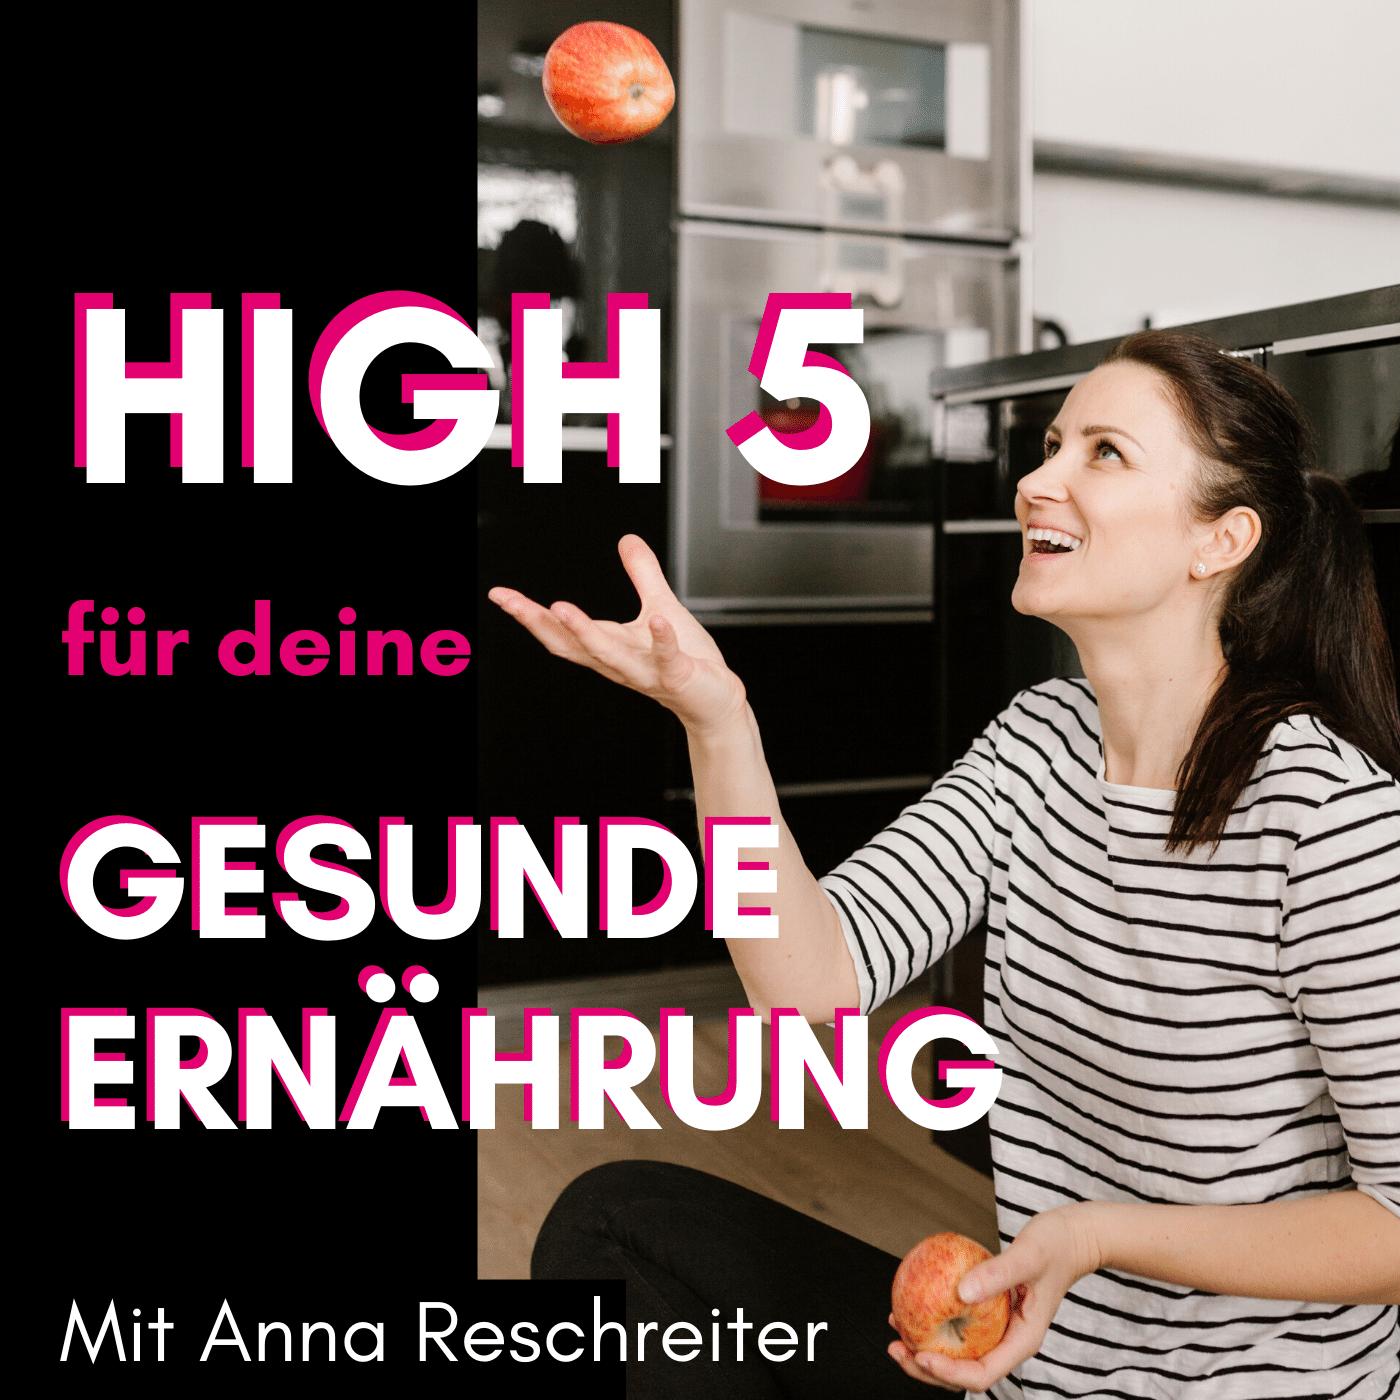 Podcast High 5 für deine gesunde Ernährung mit Anna Reschreiter - TCM Ernährung - 5 Elemente - Foodblog - Ernährungsumstellung - TCM Ernährungsexpertin - TCM Ernährungsberatung - annatsu